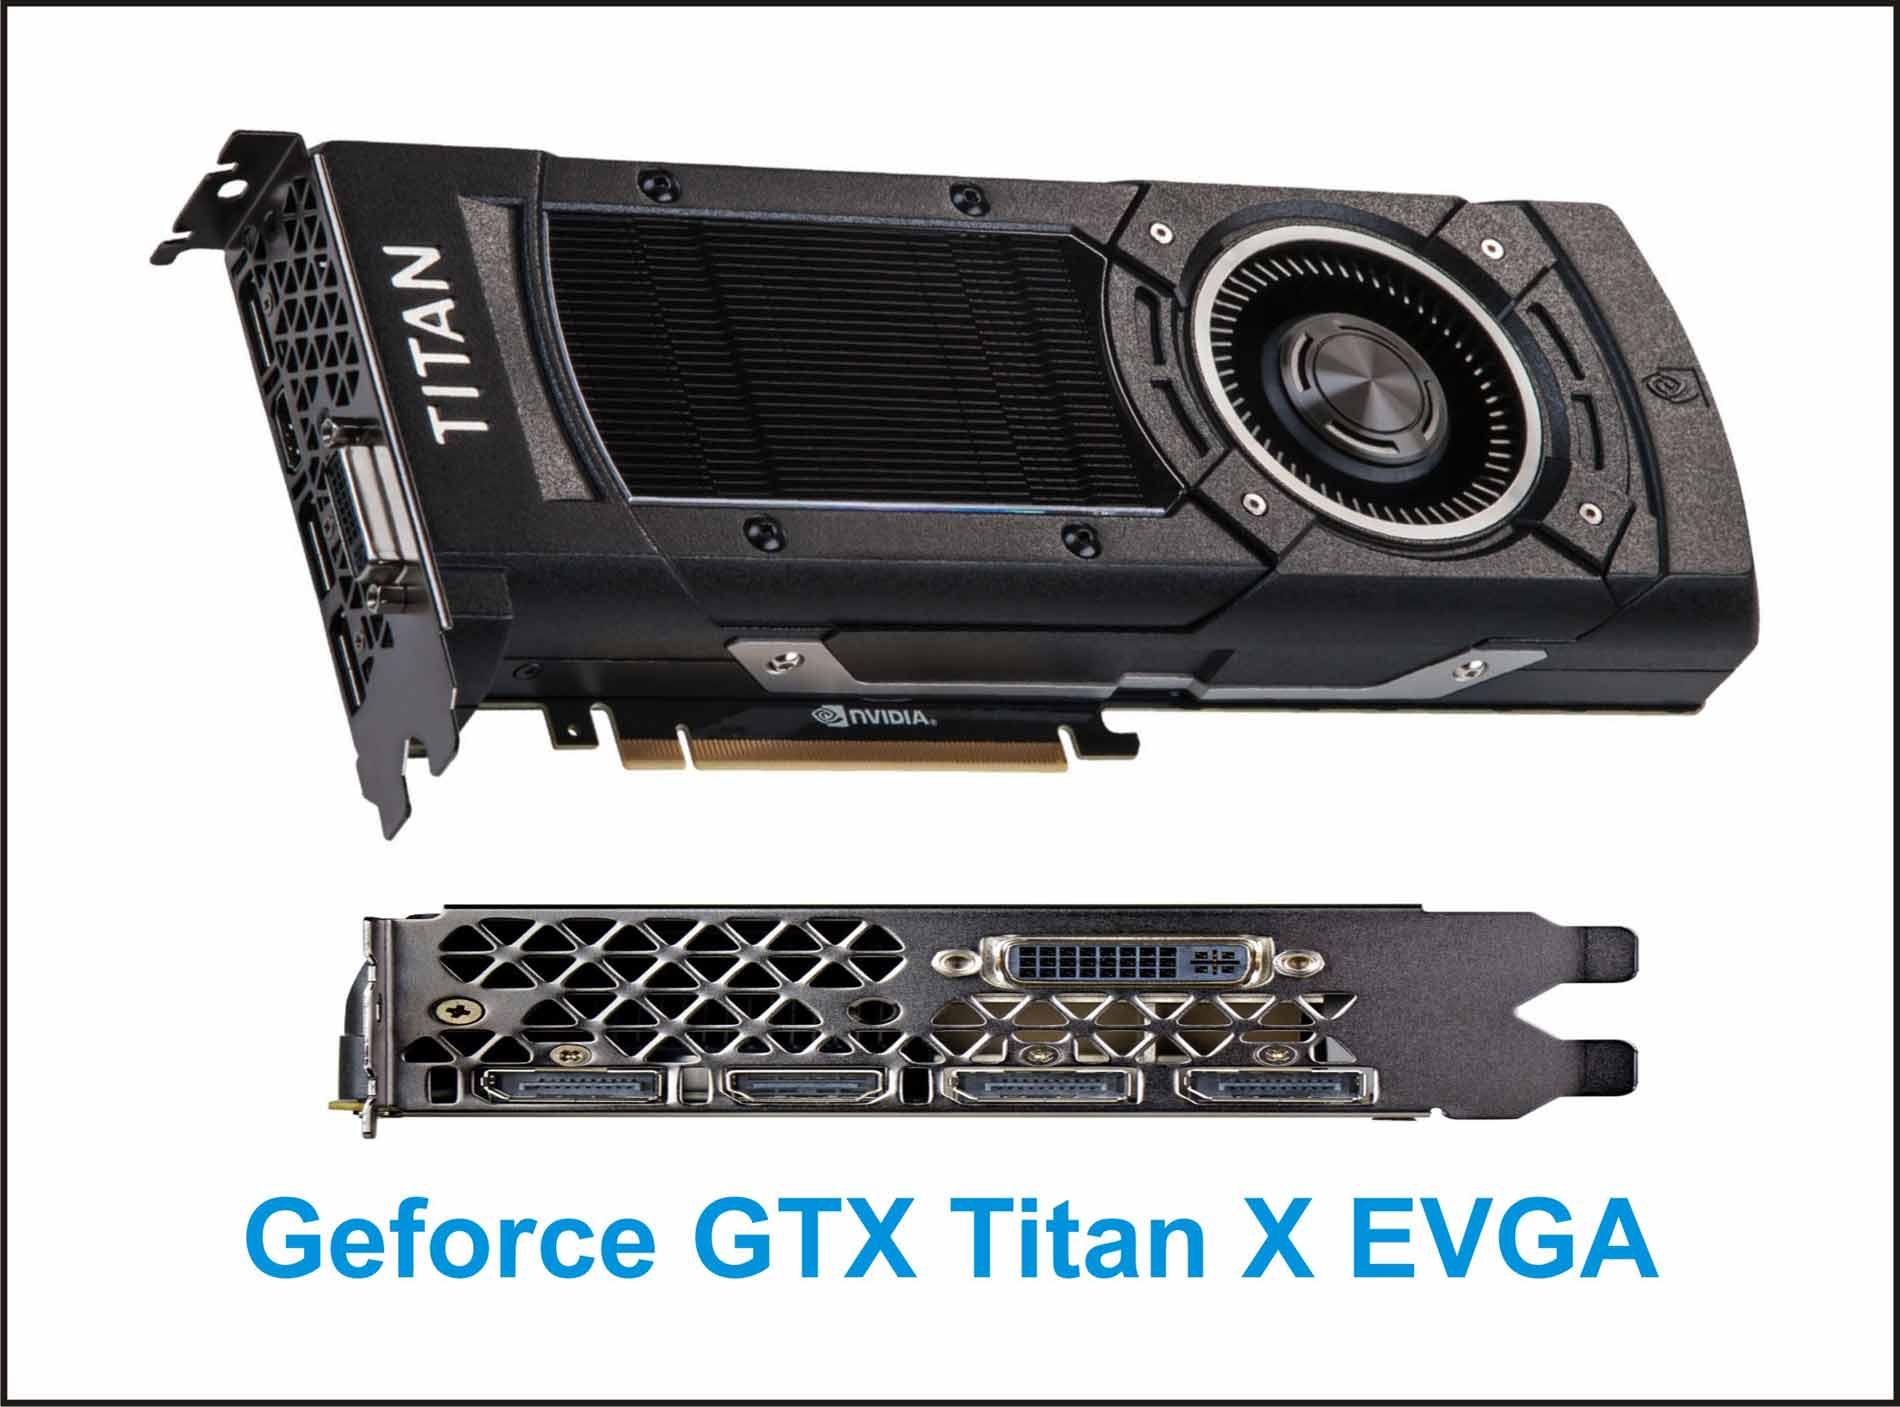 VGA Gaming Terbaik Untuk PC Geforce GTX Titan X EVGA